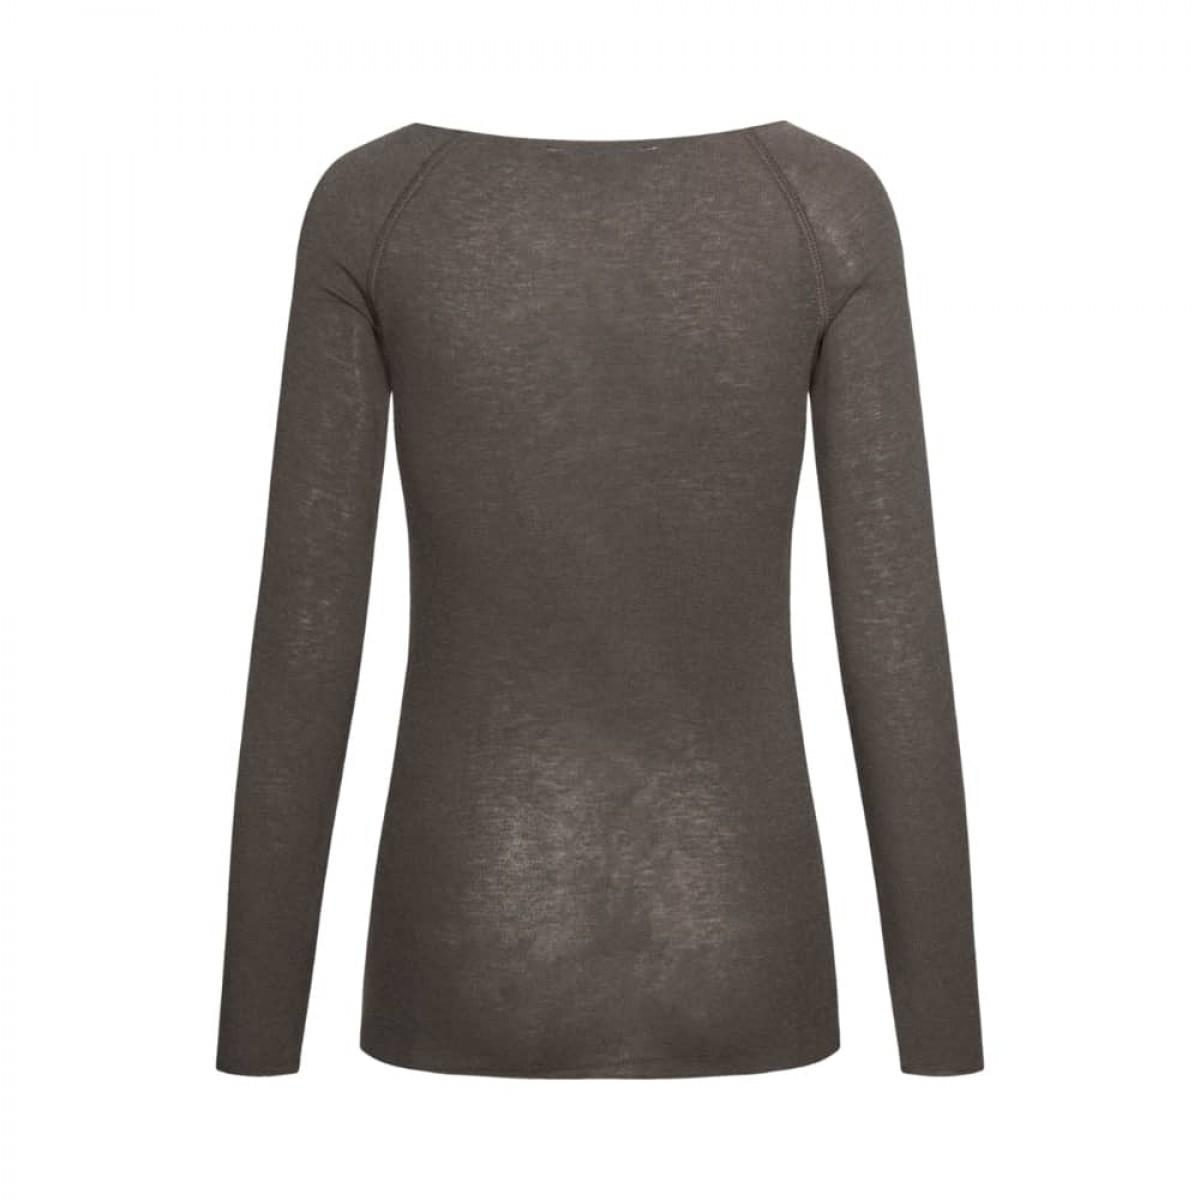 amalie bluse - soil brown - ryggen